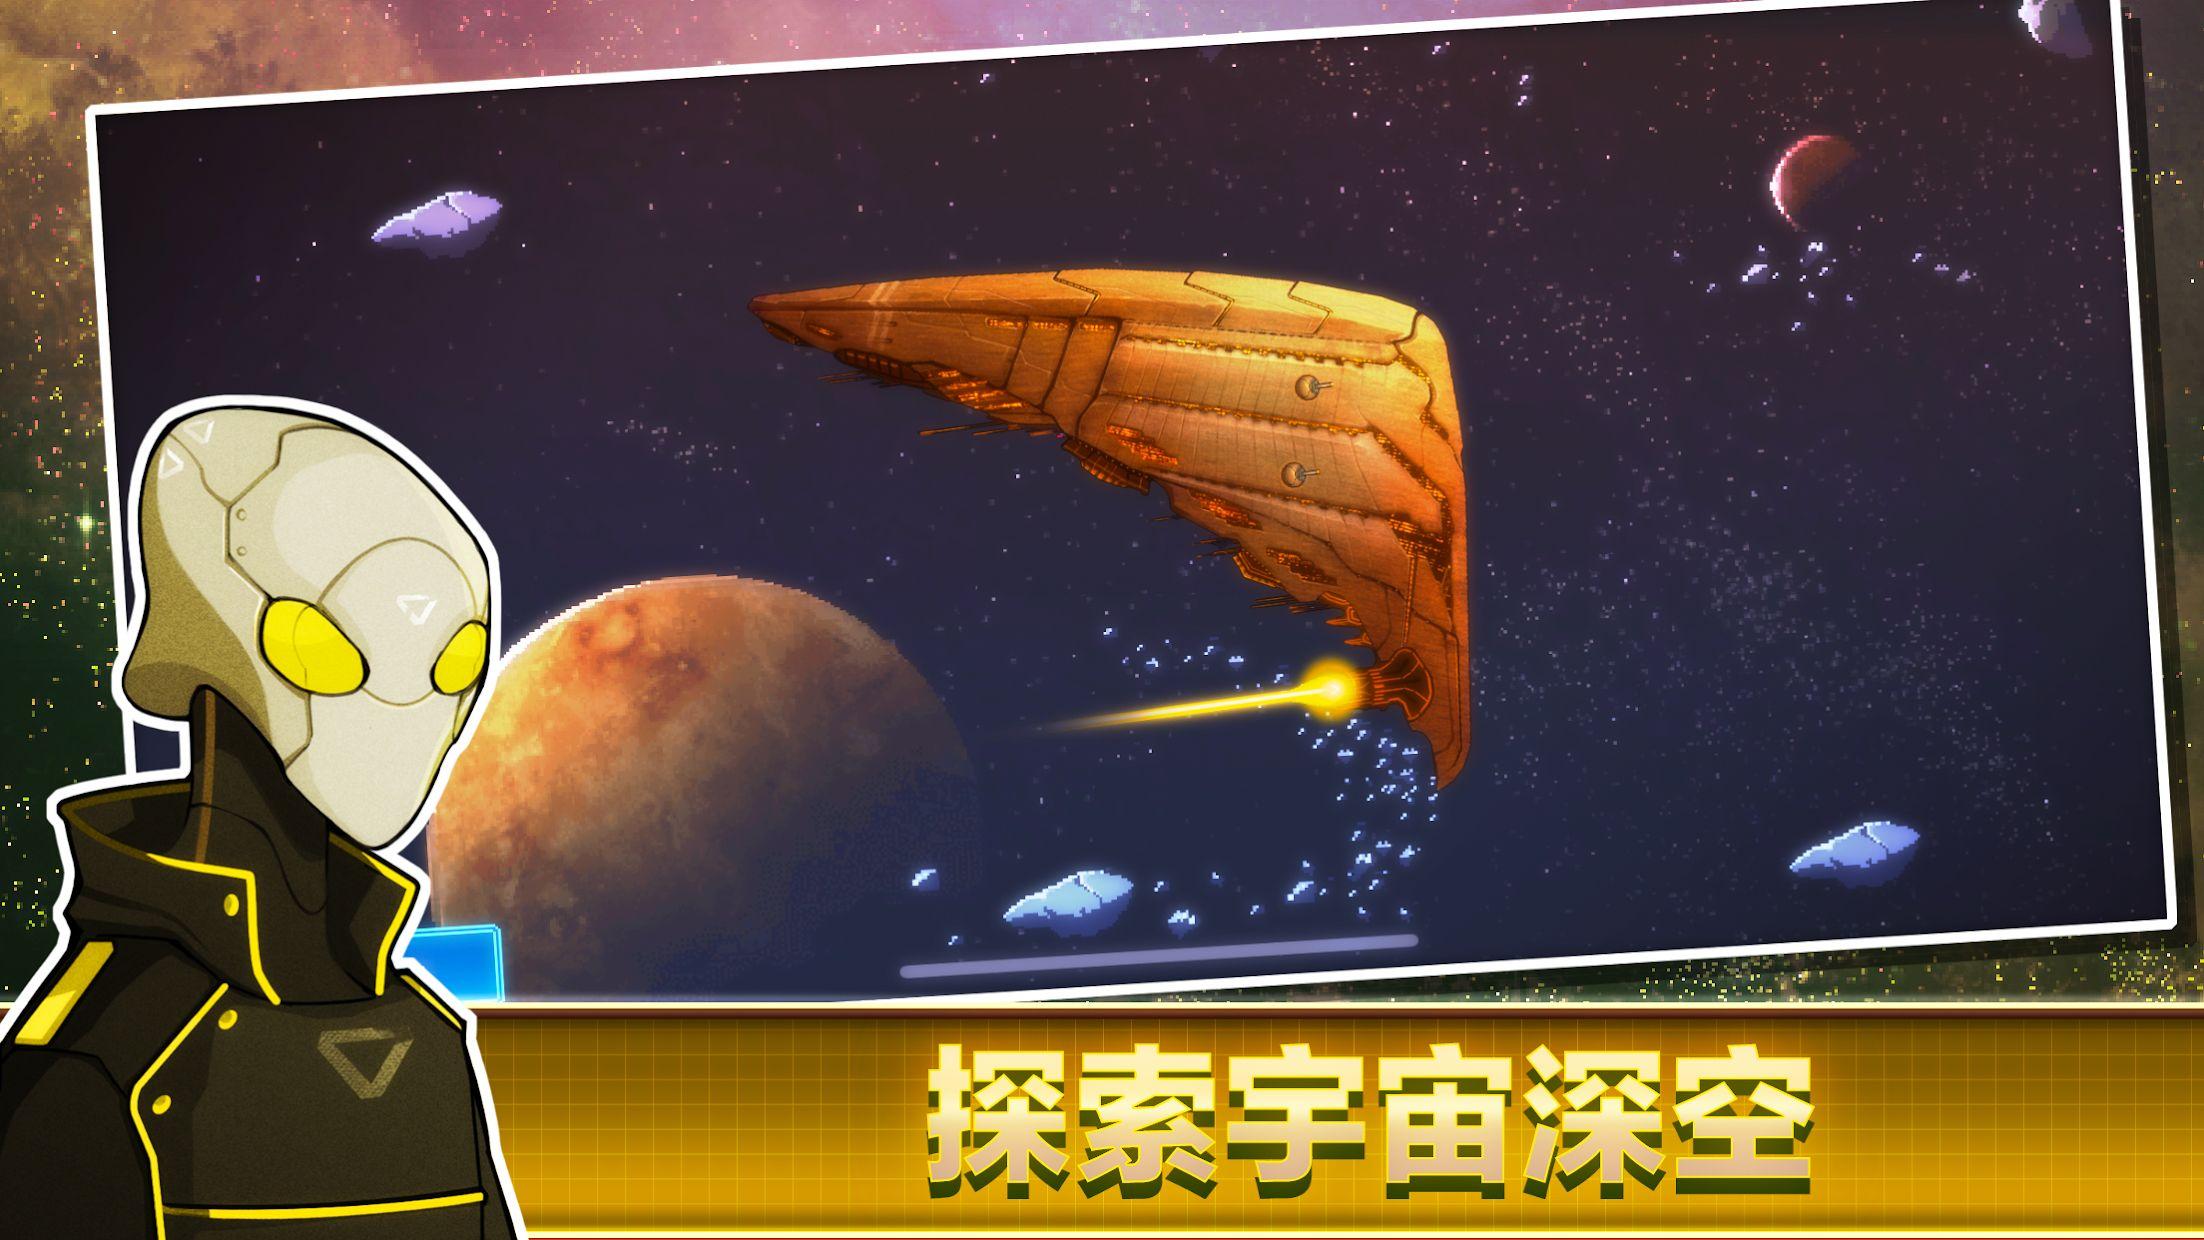 像素星舰™ Pixel Starships™: Hyperspace 游戏截图2